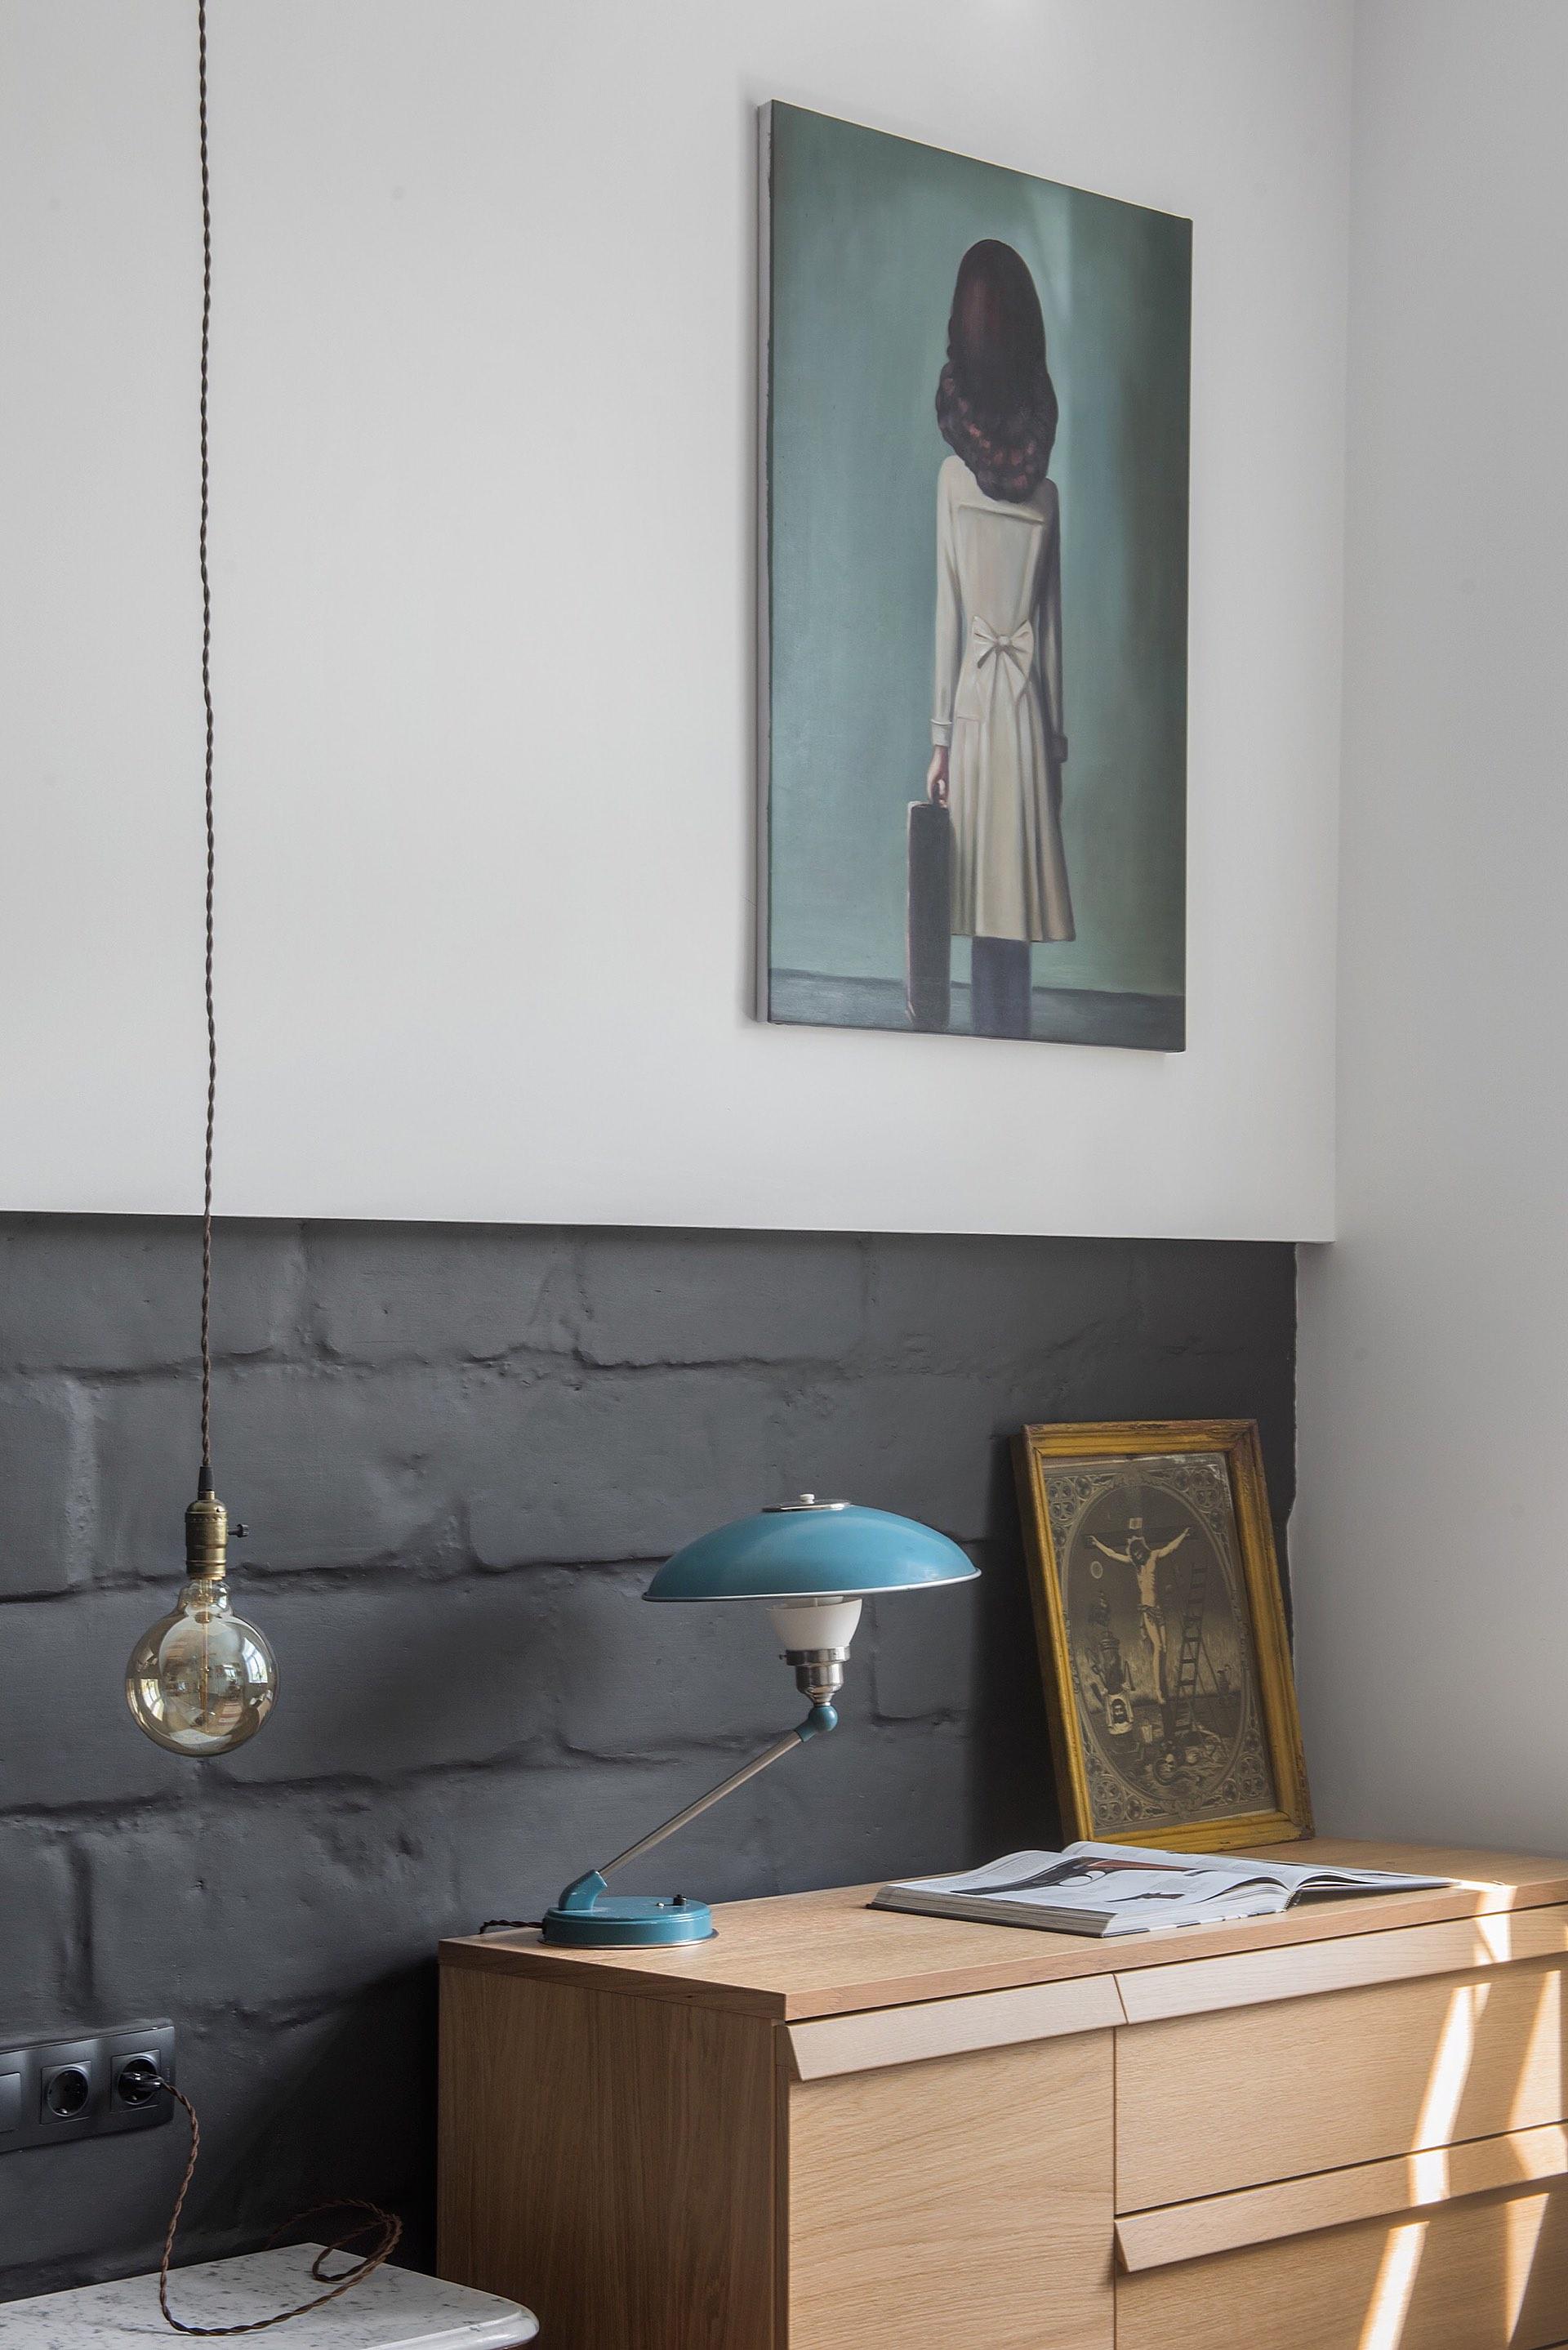 спальня аксессуары декор каменная кладка окраска